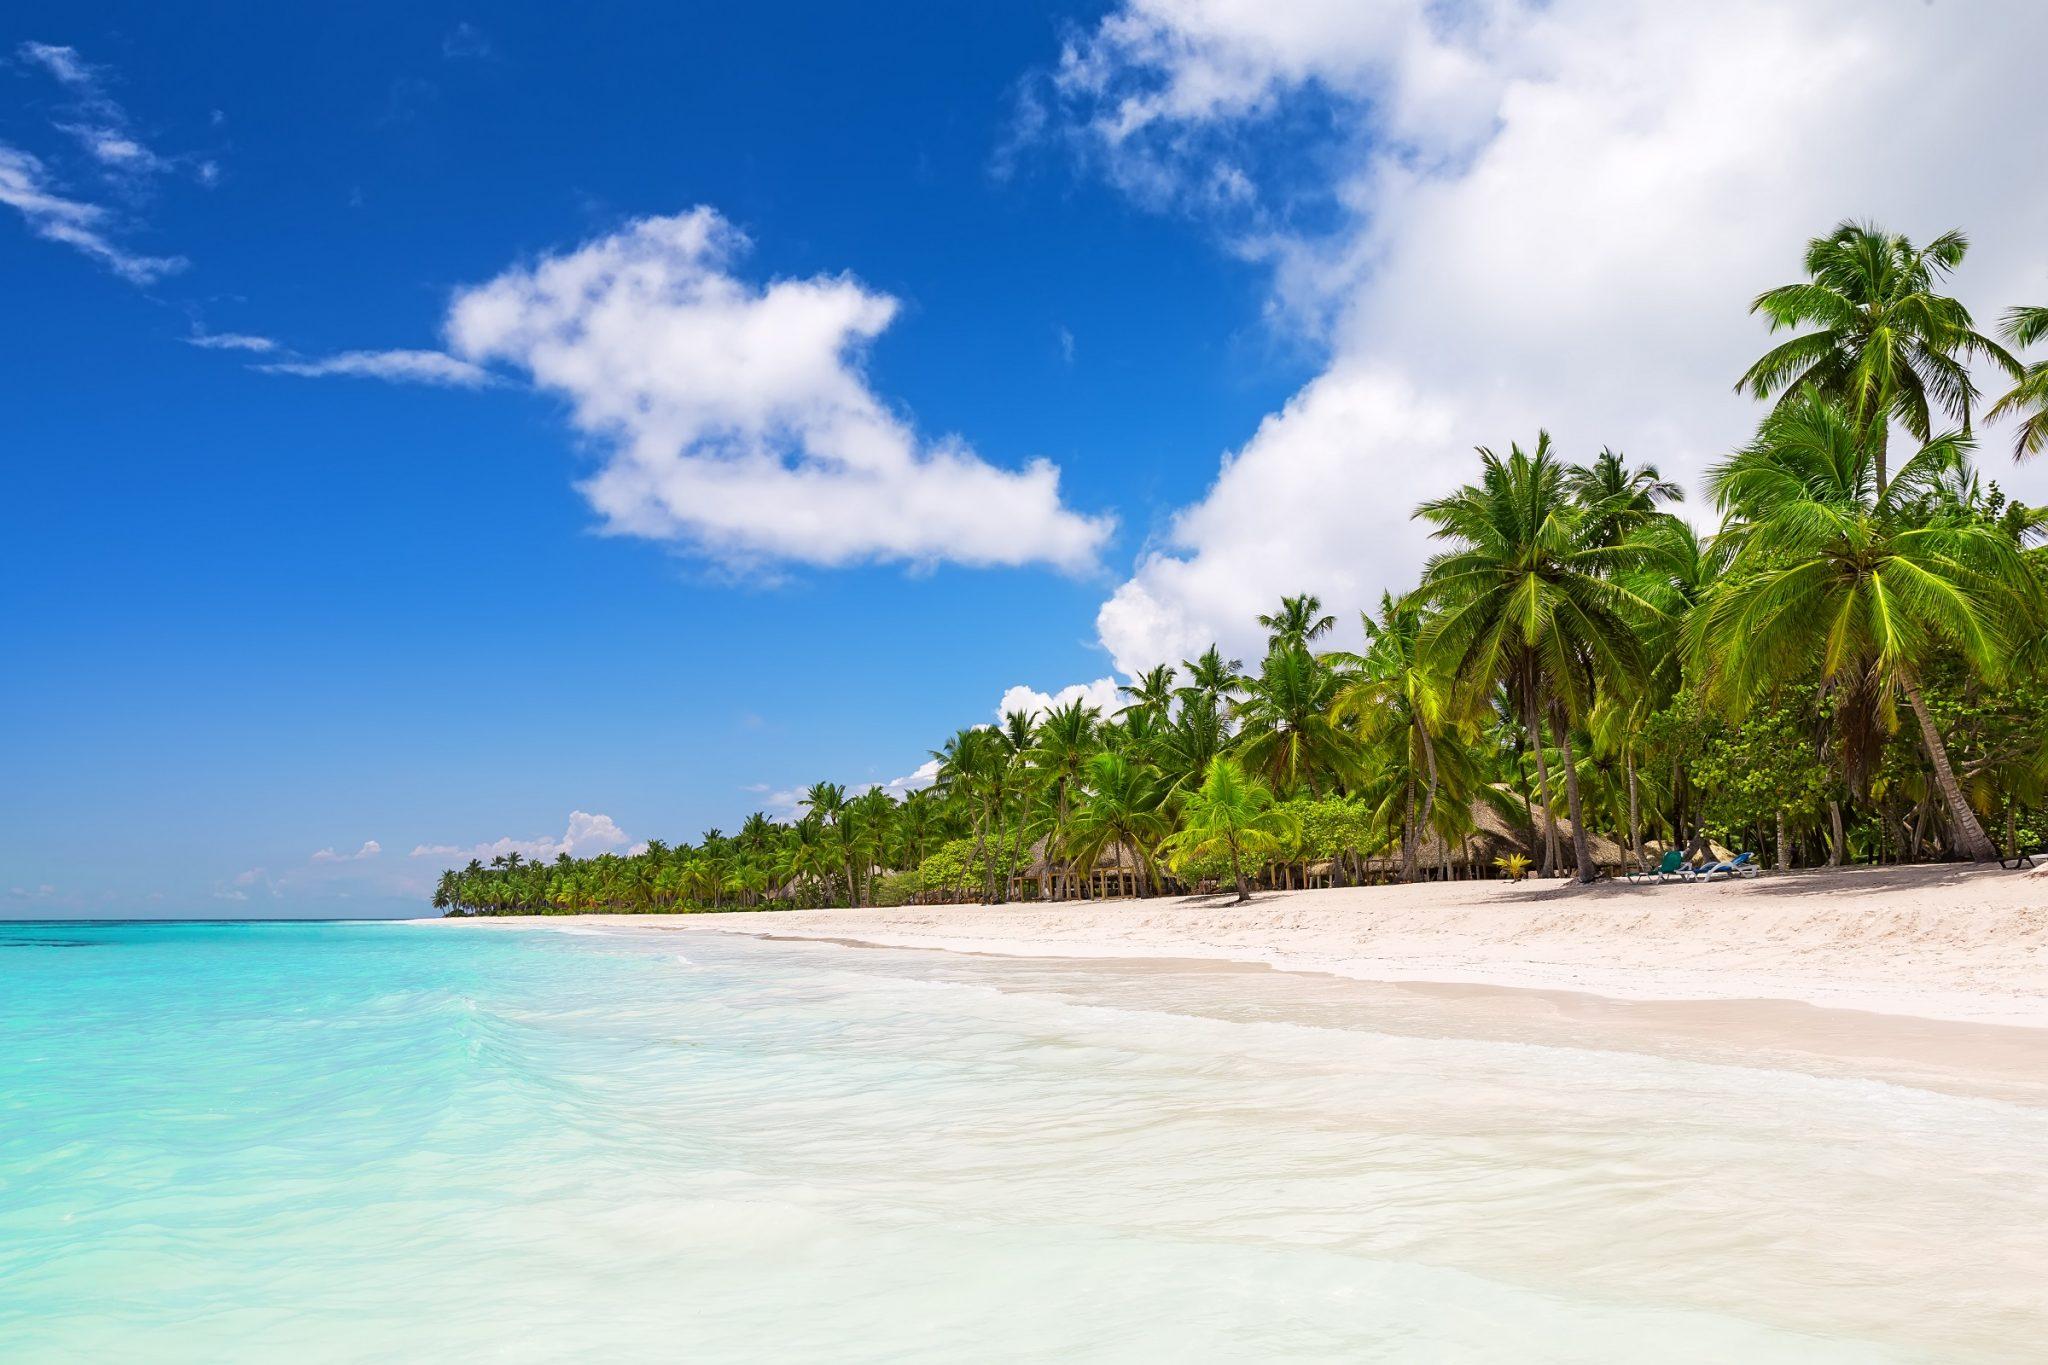 Przelot bezpośredni na Dominikanę z WAW - długi weekend listopadowy